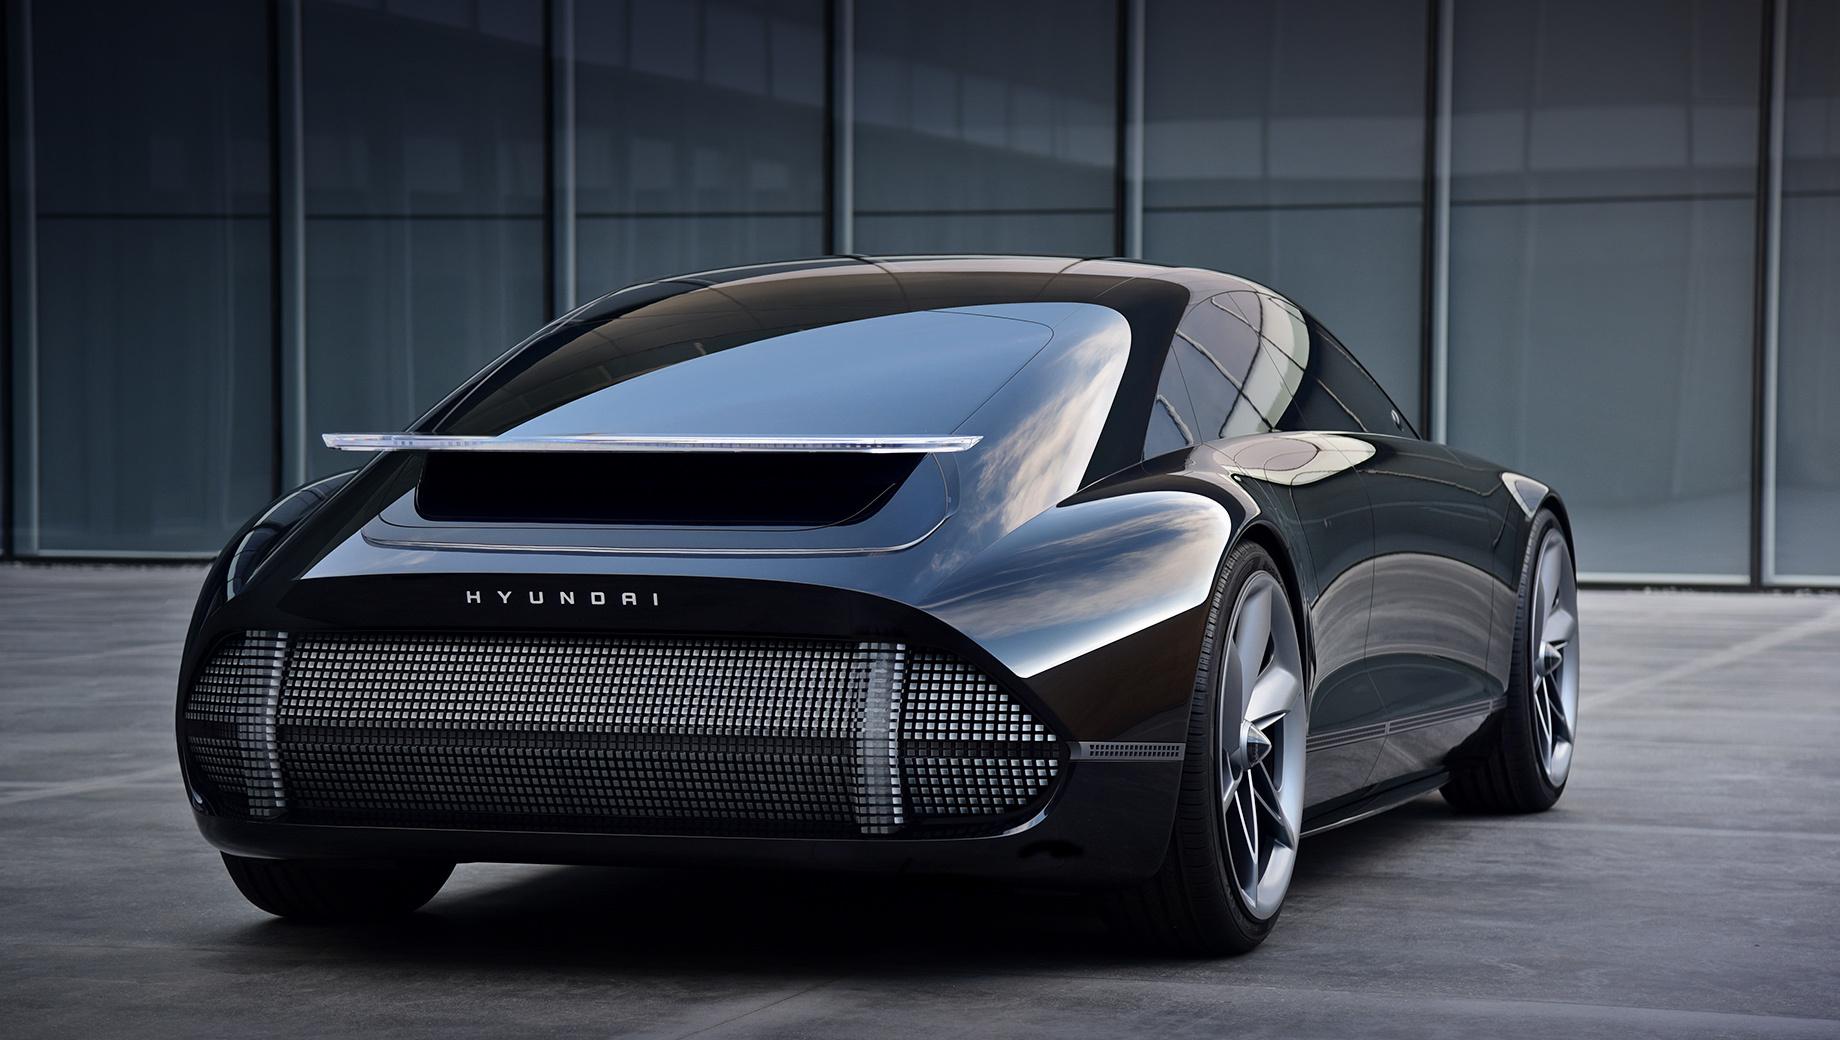 Hyundai ev prophecy,Hyundai ioniq,Hyundai ioniq electric. Матрицы из светодиодов, размещённые на носу и хвосте фастбека, в Hyundai называют «пиксельными лампами». Они свяжут электрокары Prophecy и 45 между собой и будут рассматриваться как функциональная альтернатива хромированным украшениям.